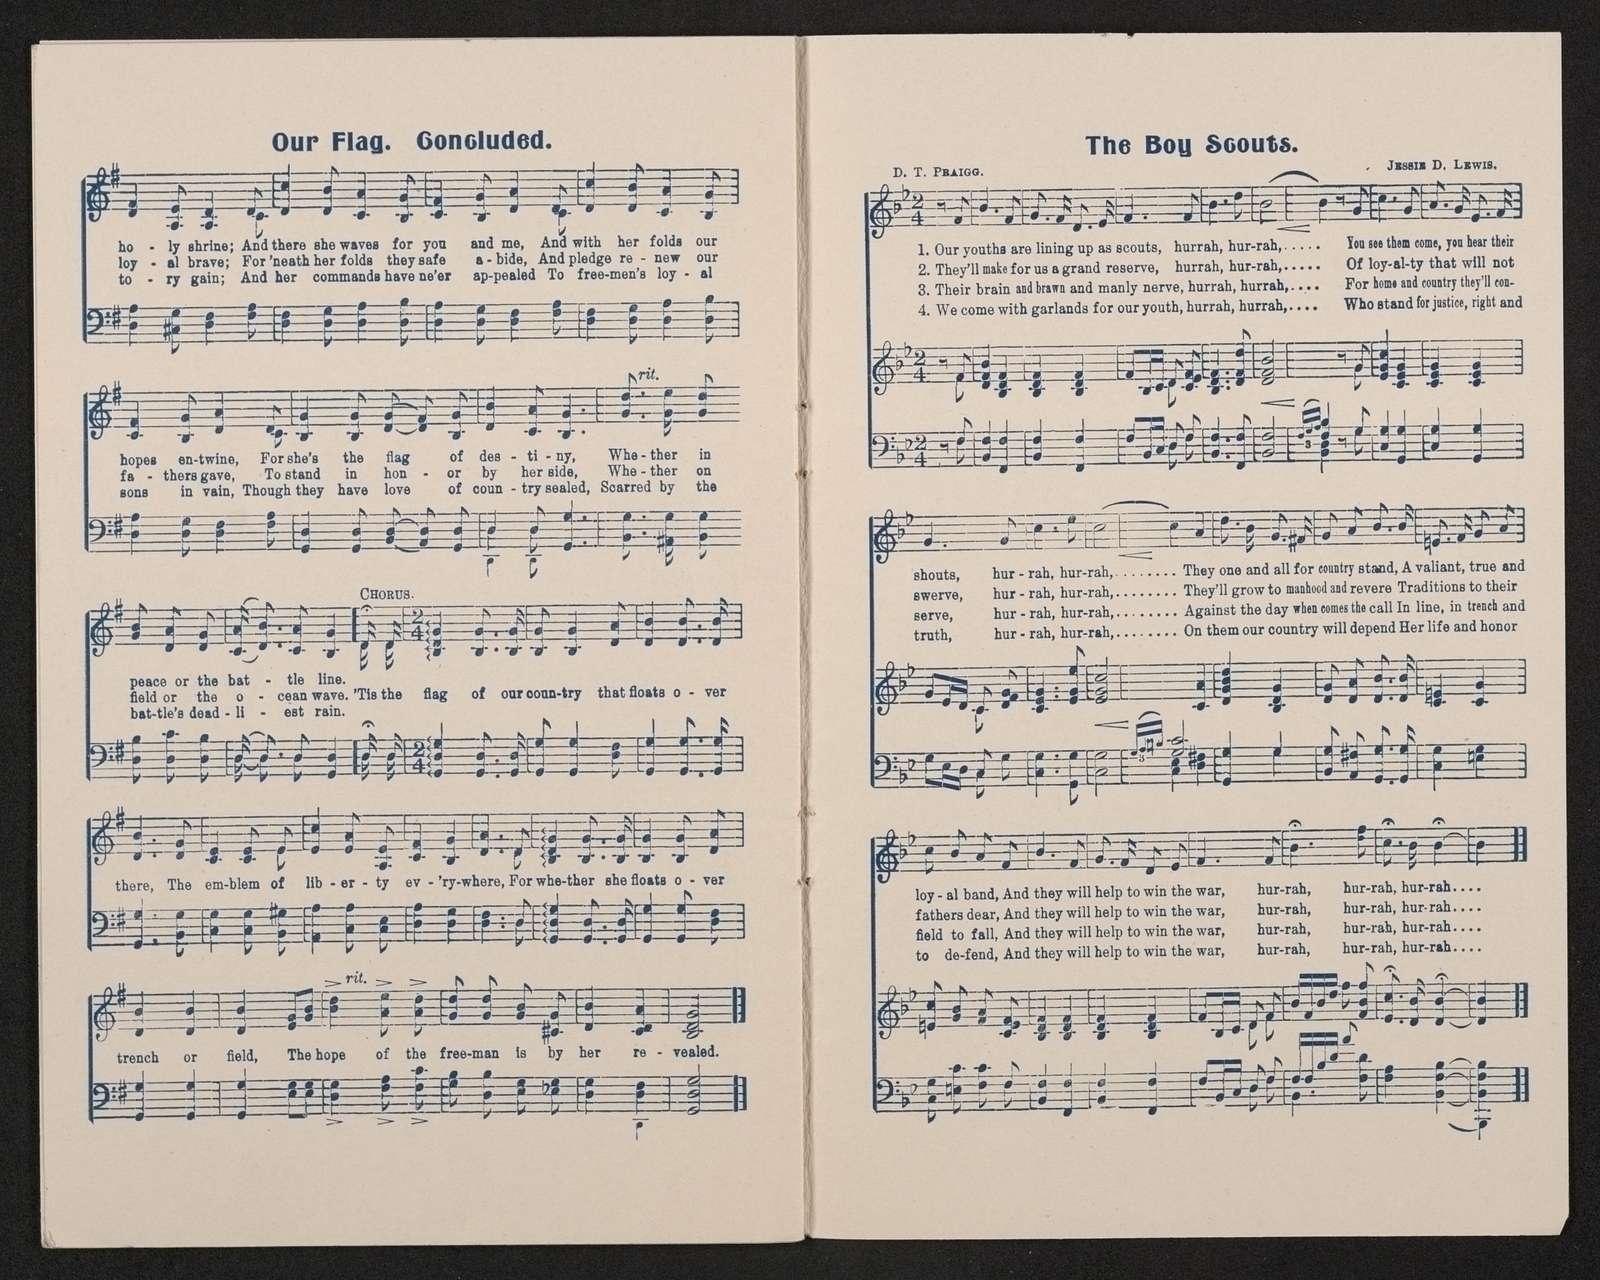 The patriotic chorus